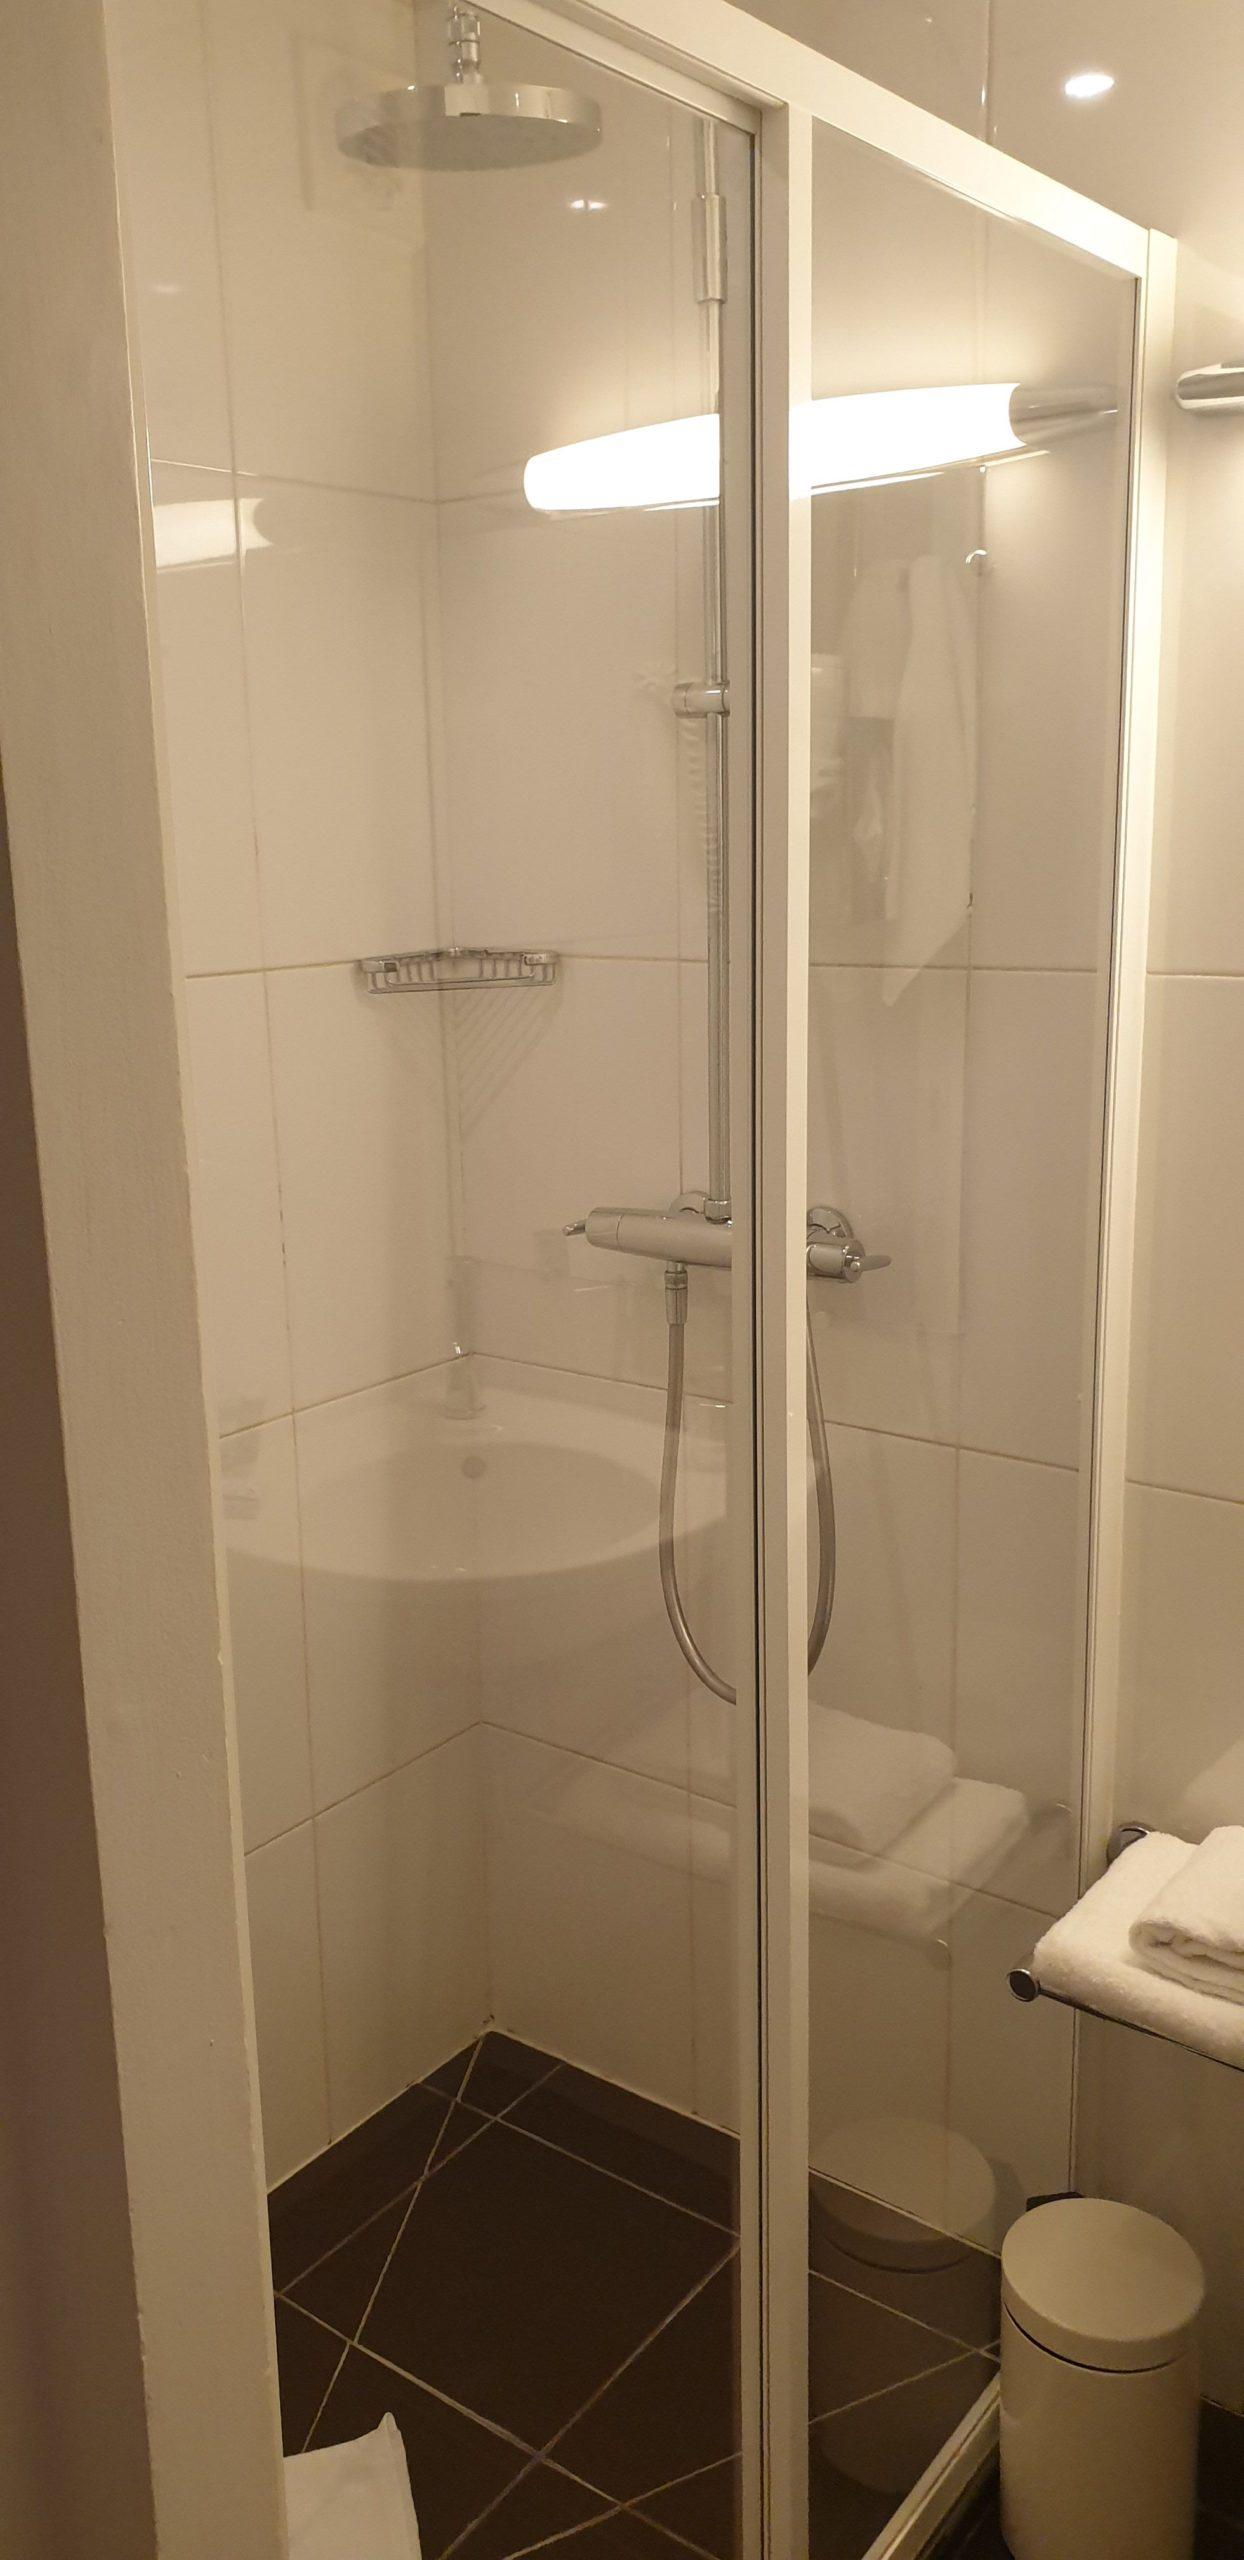 Salle de douche chambre single - hôtel star champs-élysées